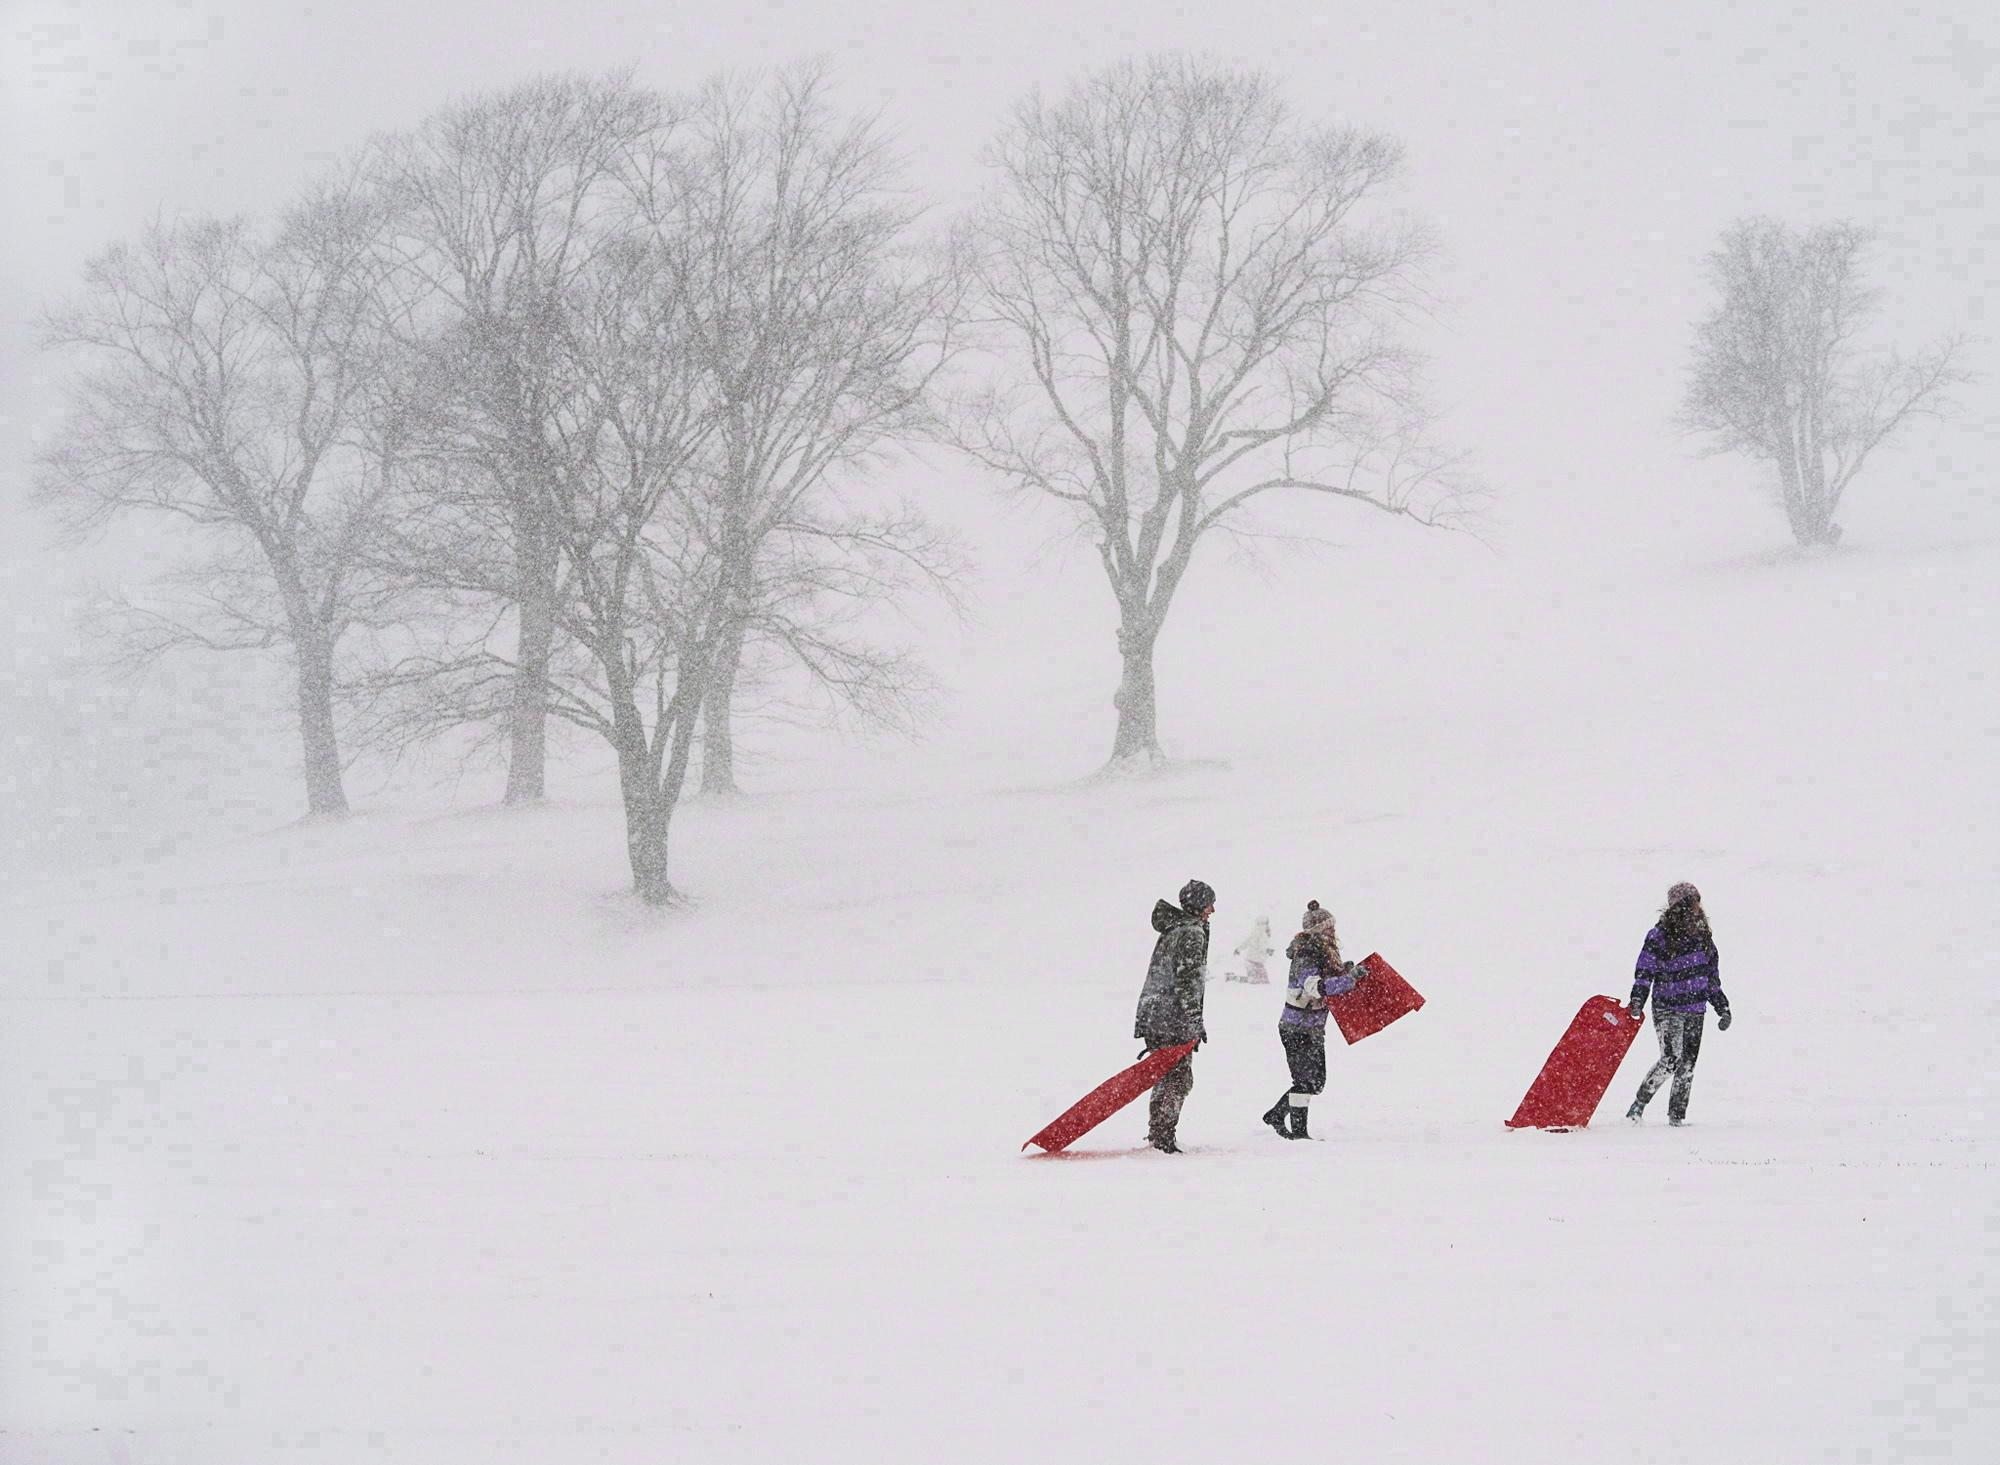 تلاميذ يلهون بالثلج الذي تسبّب بإقفال المدارس في هاليفاكس في 22-01-2014/Andrew Vaughan/CP